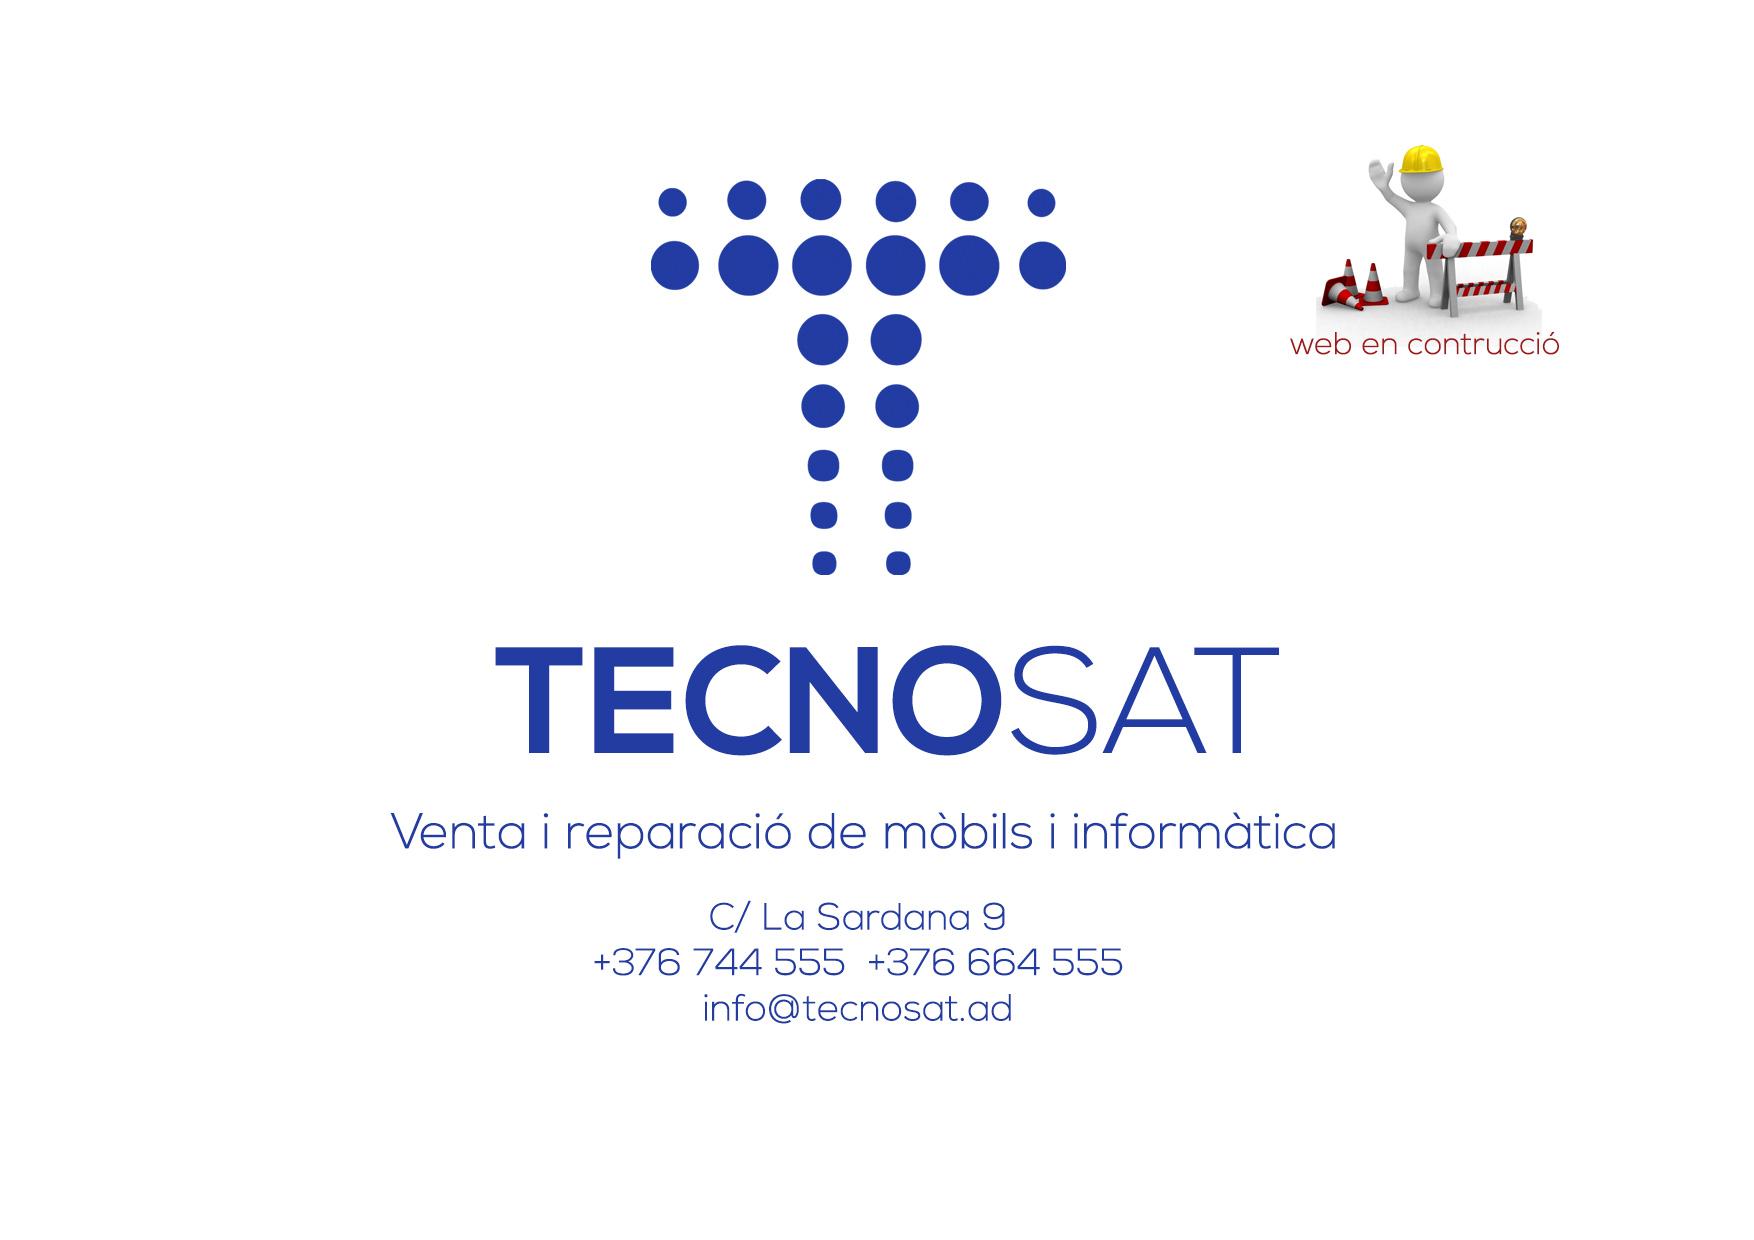 TECNOSAT